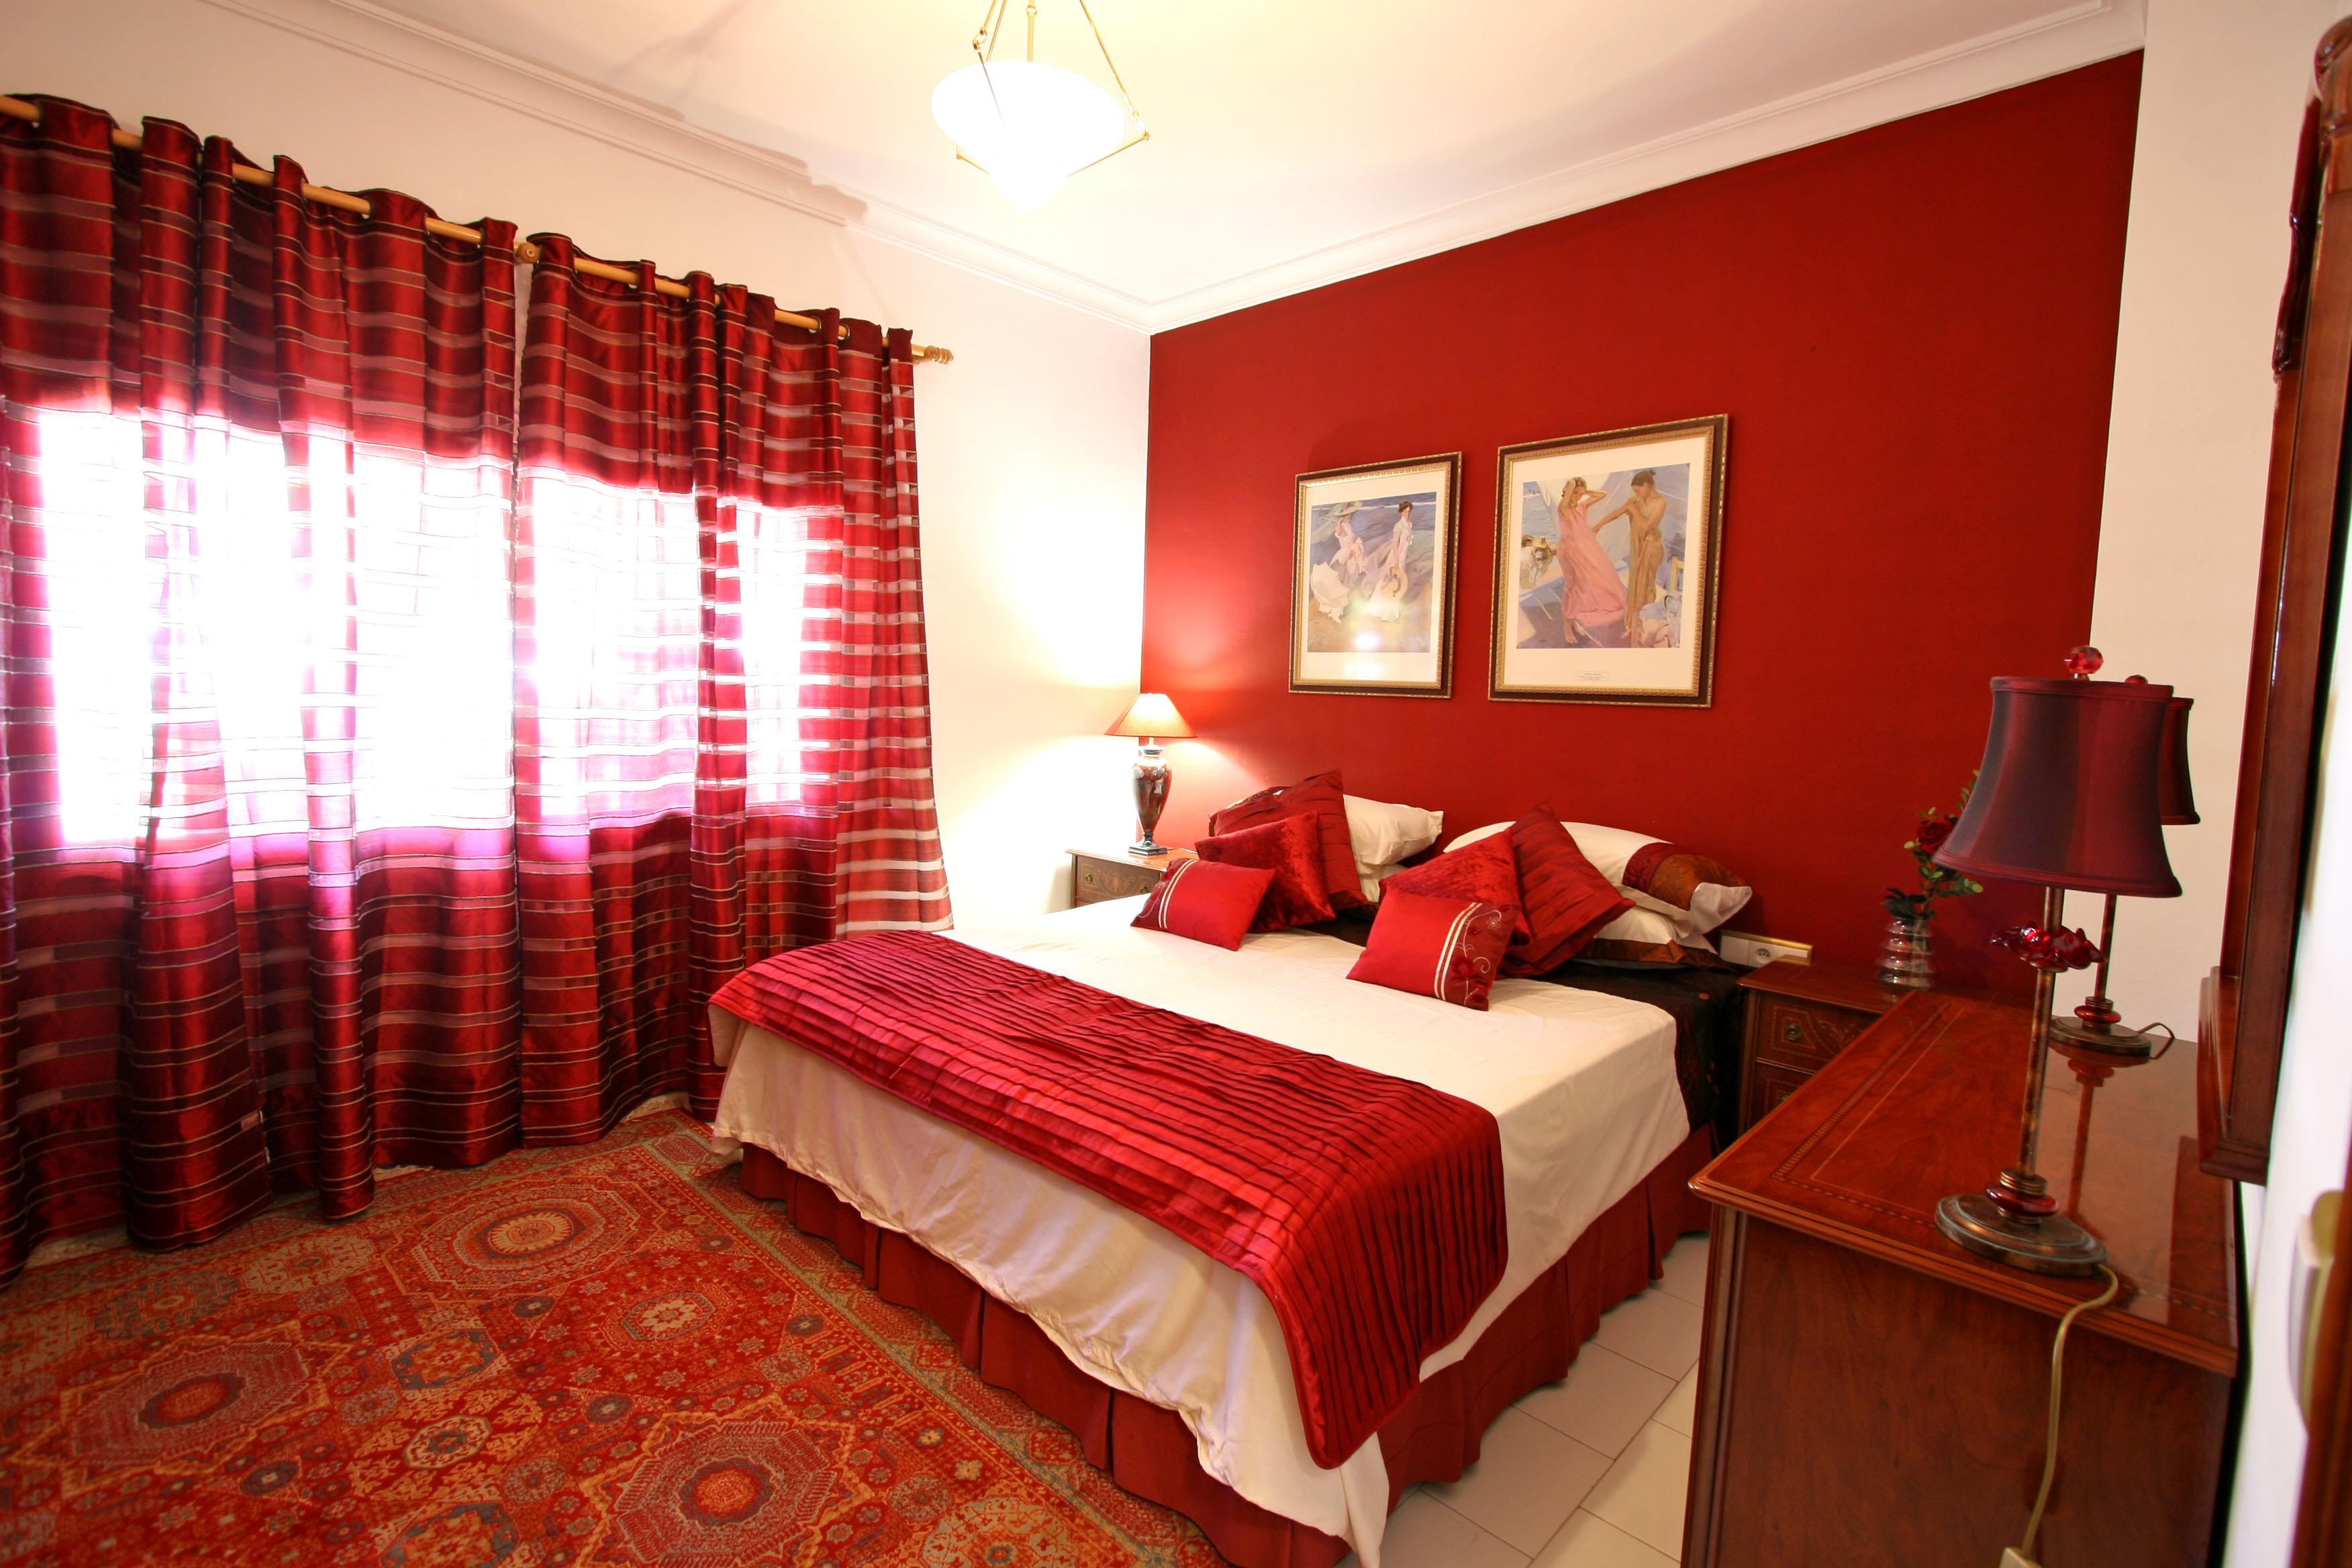 غرف نوم باللون الاحمر | المرسال